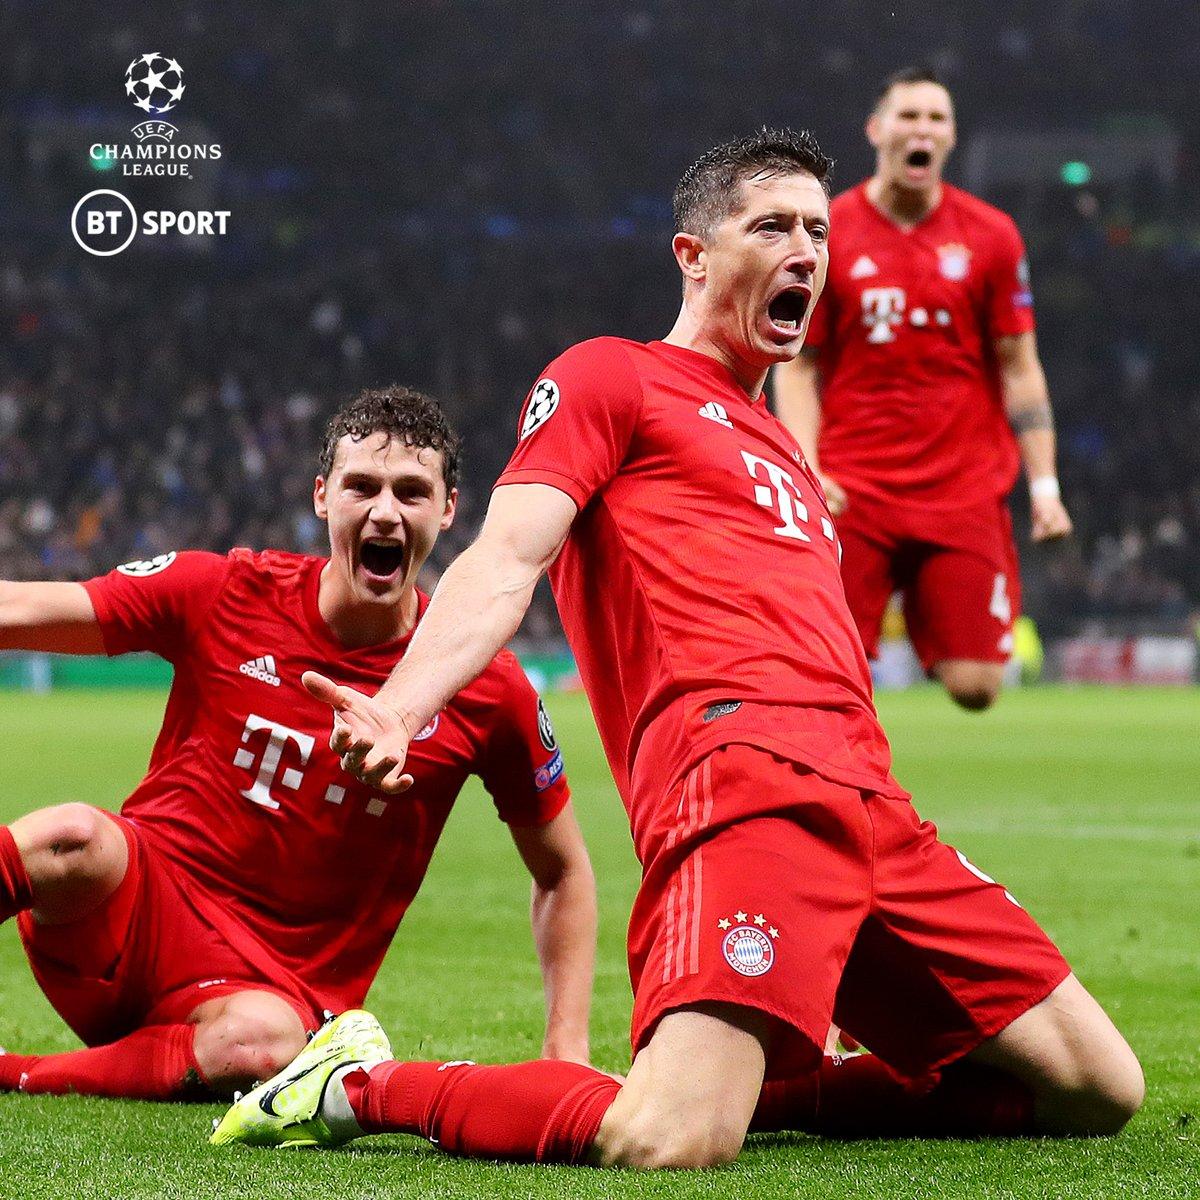 这不巧了嘛,五大联赛的第七名球队都晋级了欧冠16强